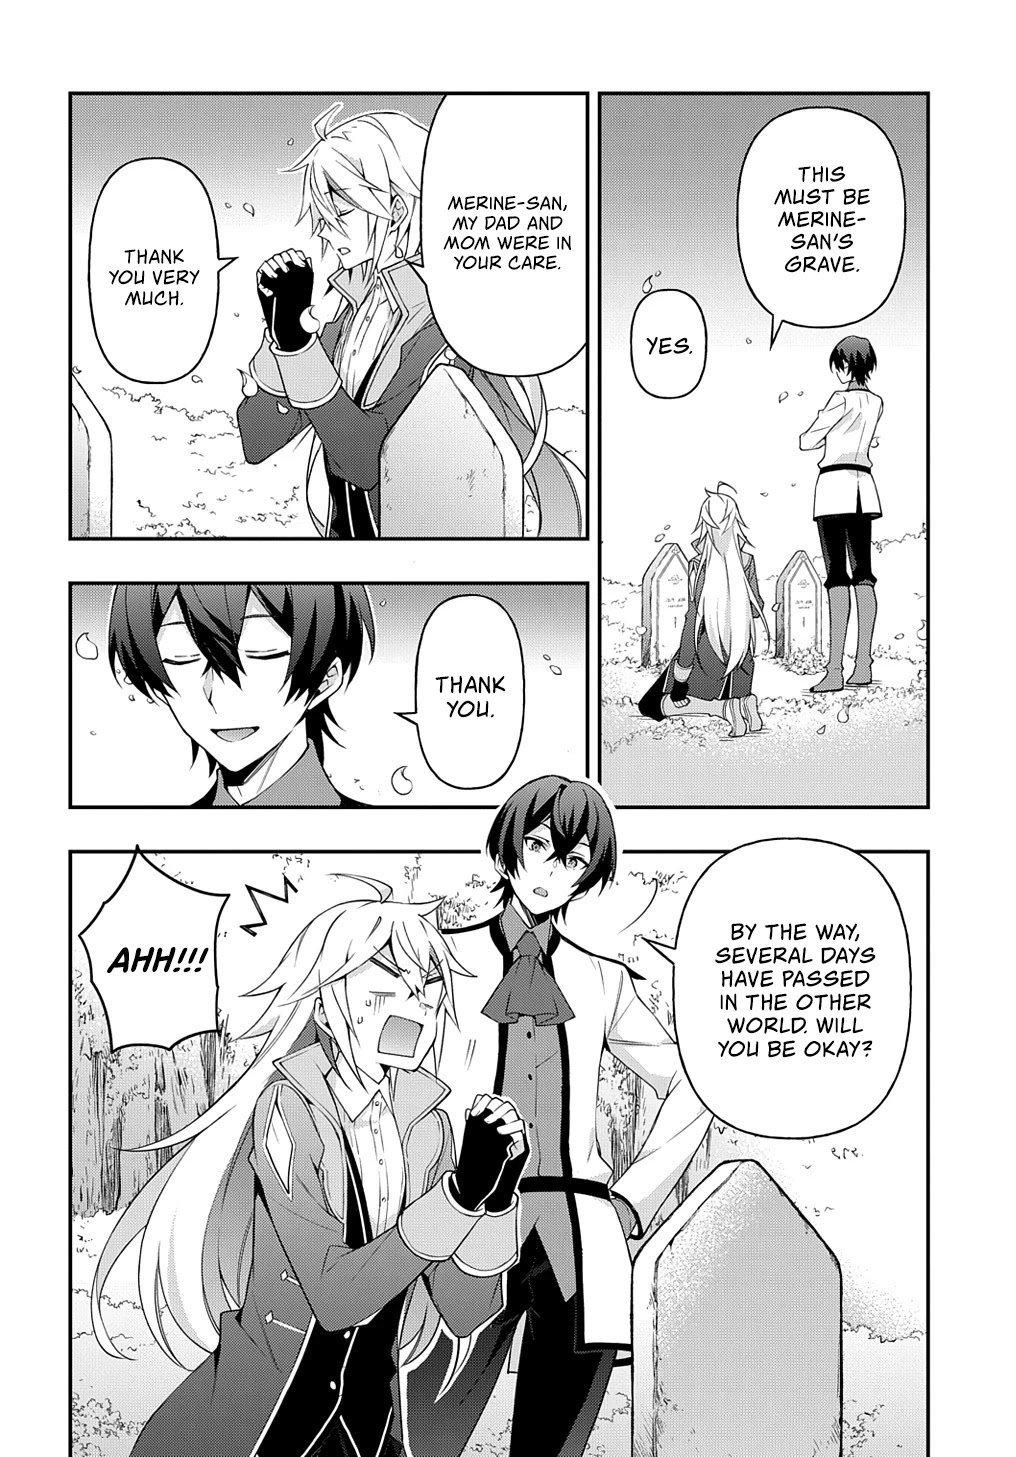 Manga Tensei Kizoku no Isekai Boukenroku ~Jichou wo Shiranai Kamigami no Shito~ - Chapter 26 Page 25